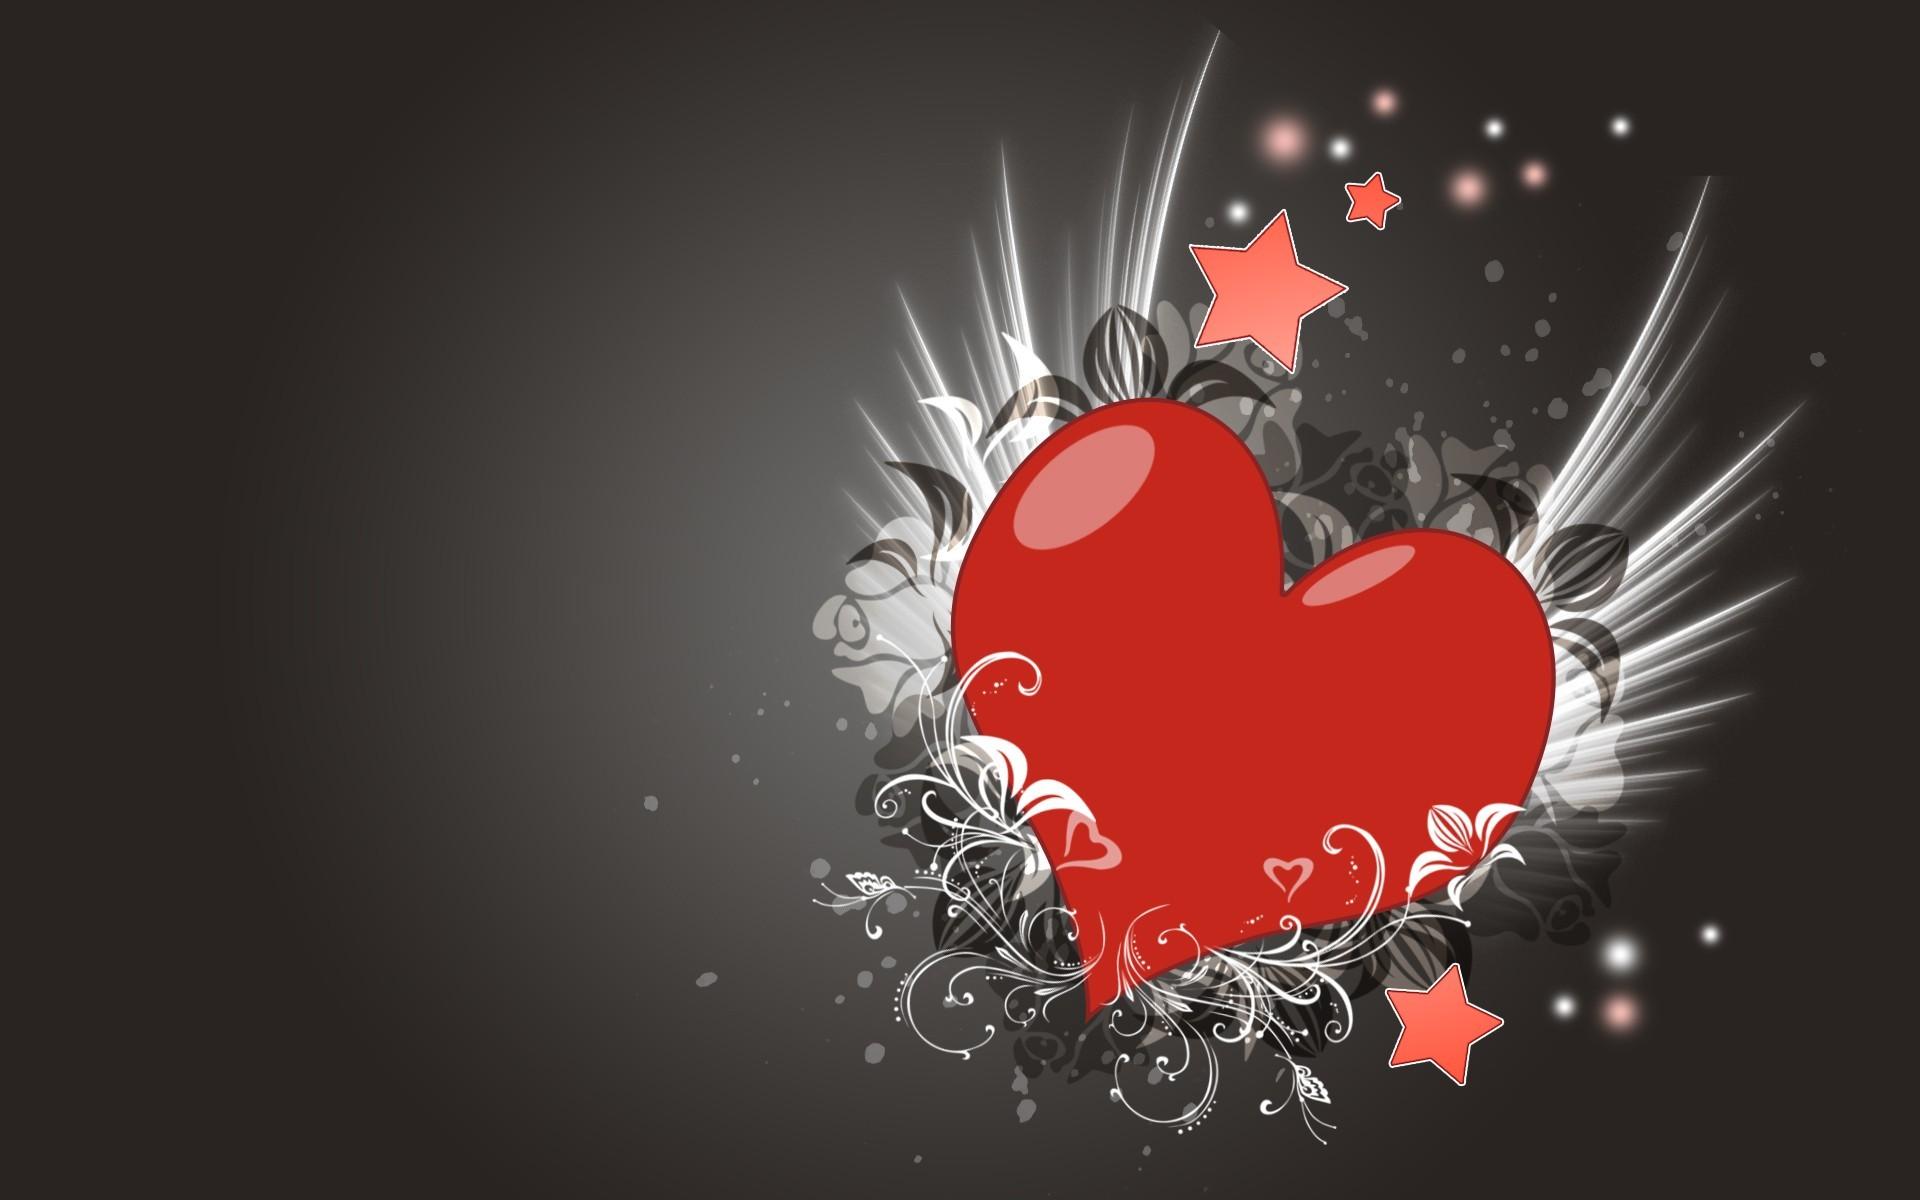 обои на рабочий стол про любовь на весь экран бесплатно № 24045 без смс